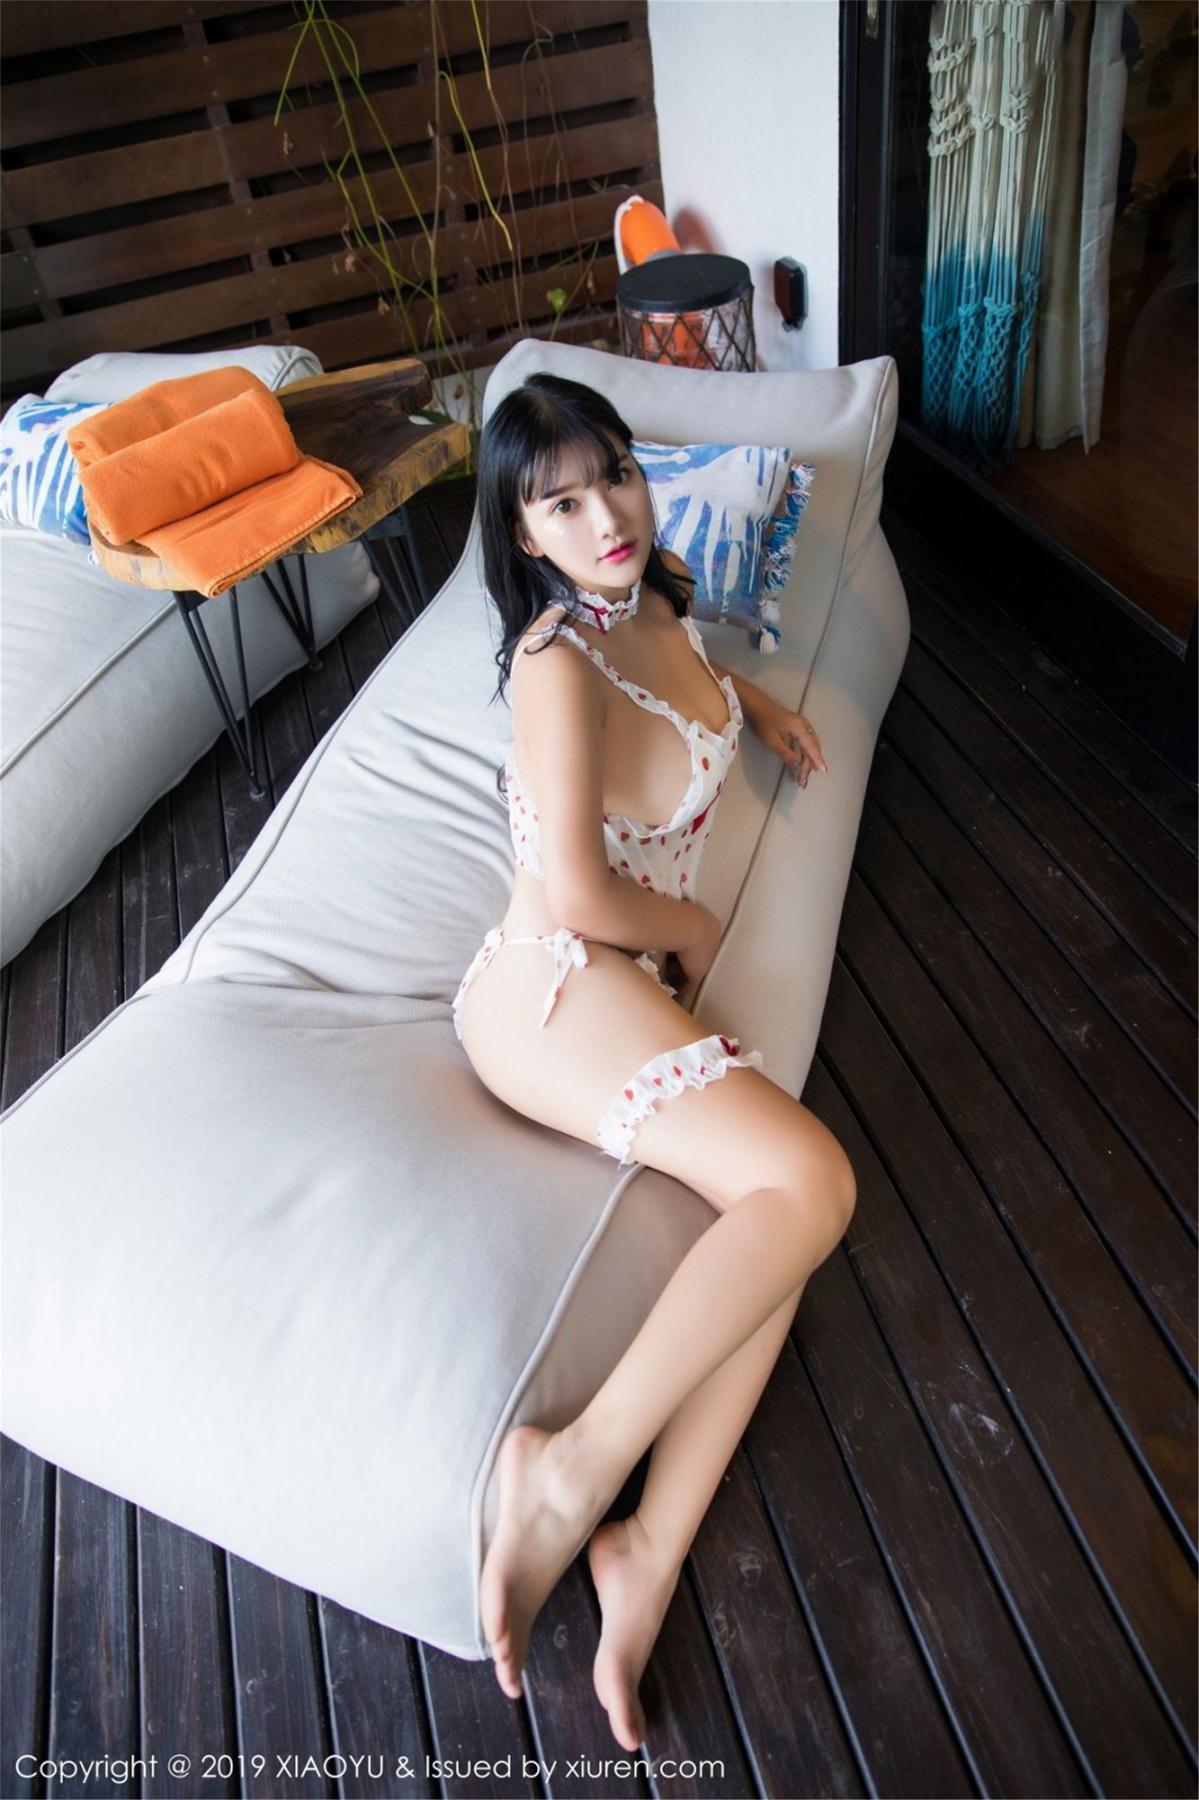 [XiaoYu] Vol.070 Lu Lu Xiao Miao 24P, Baby Face Big Boobs, Lovely, Lu Lu Xiao Miao, XiaoYu